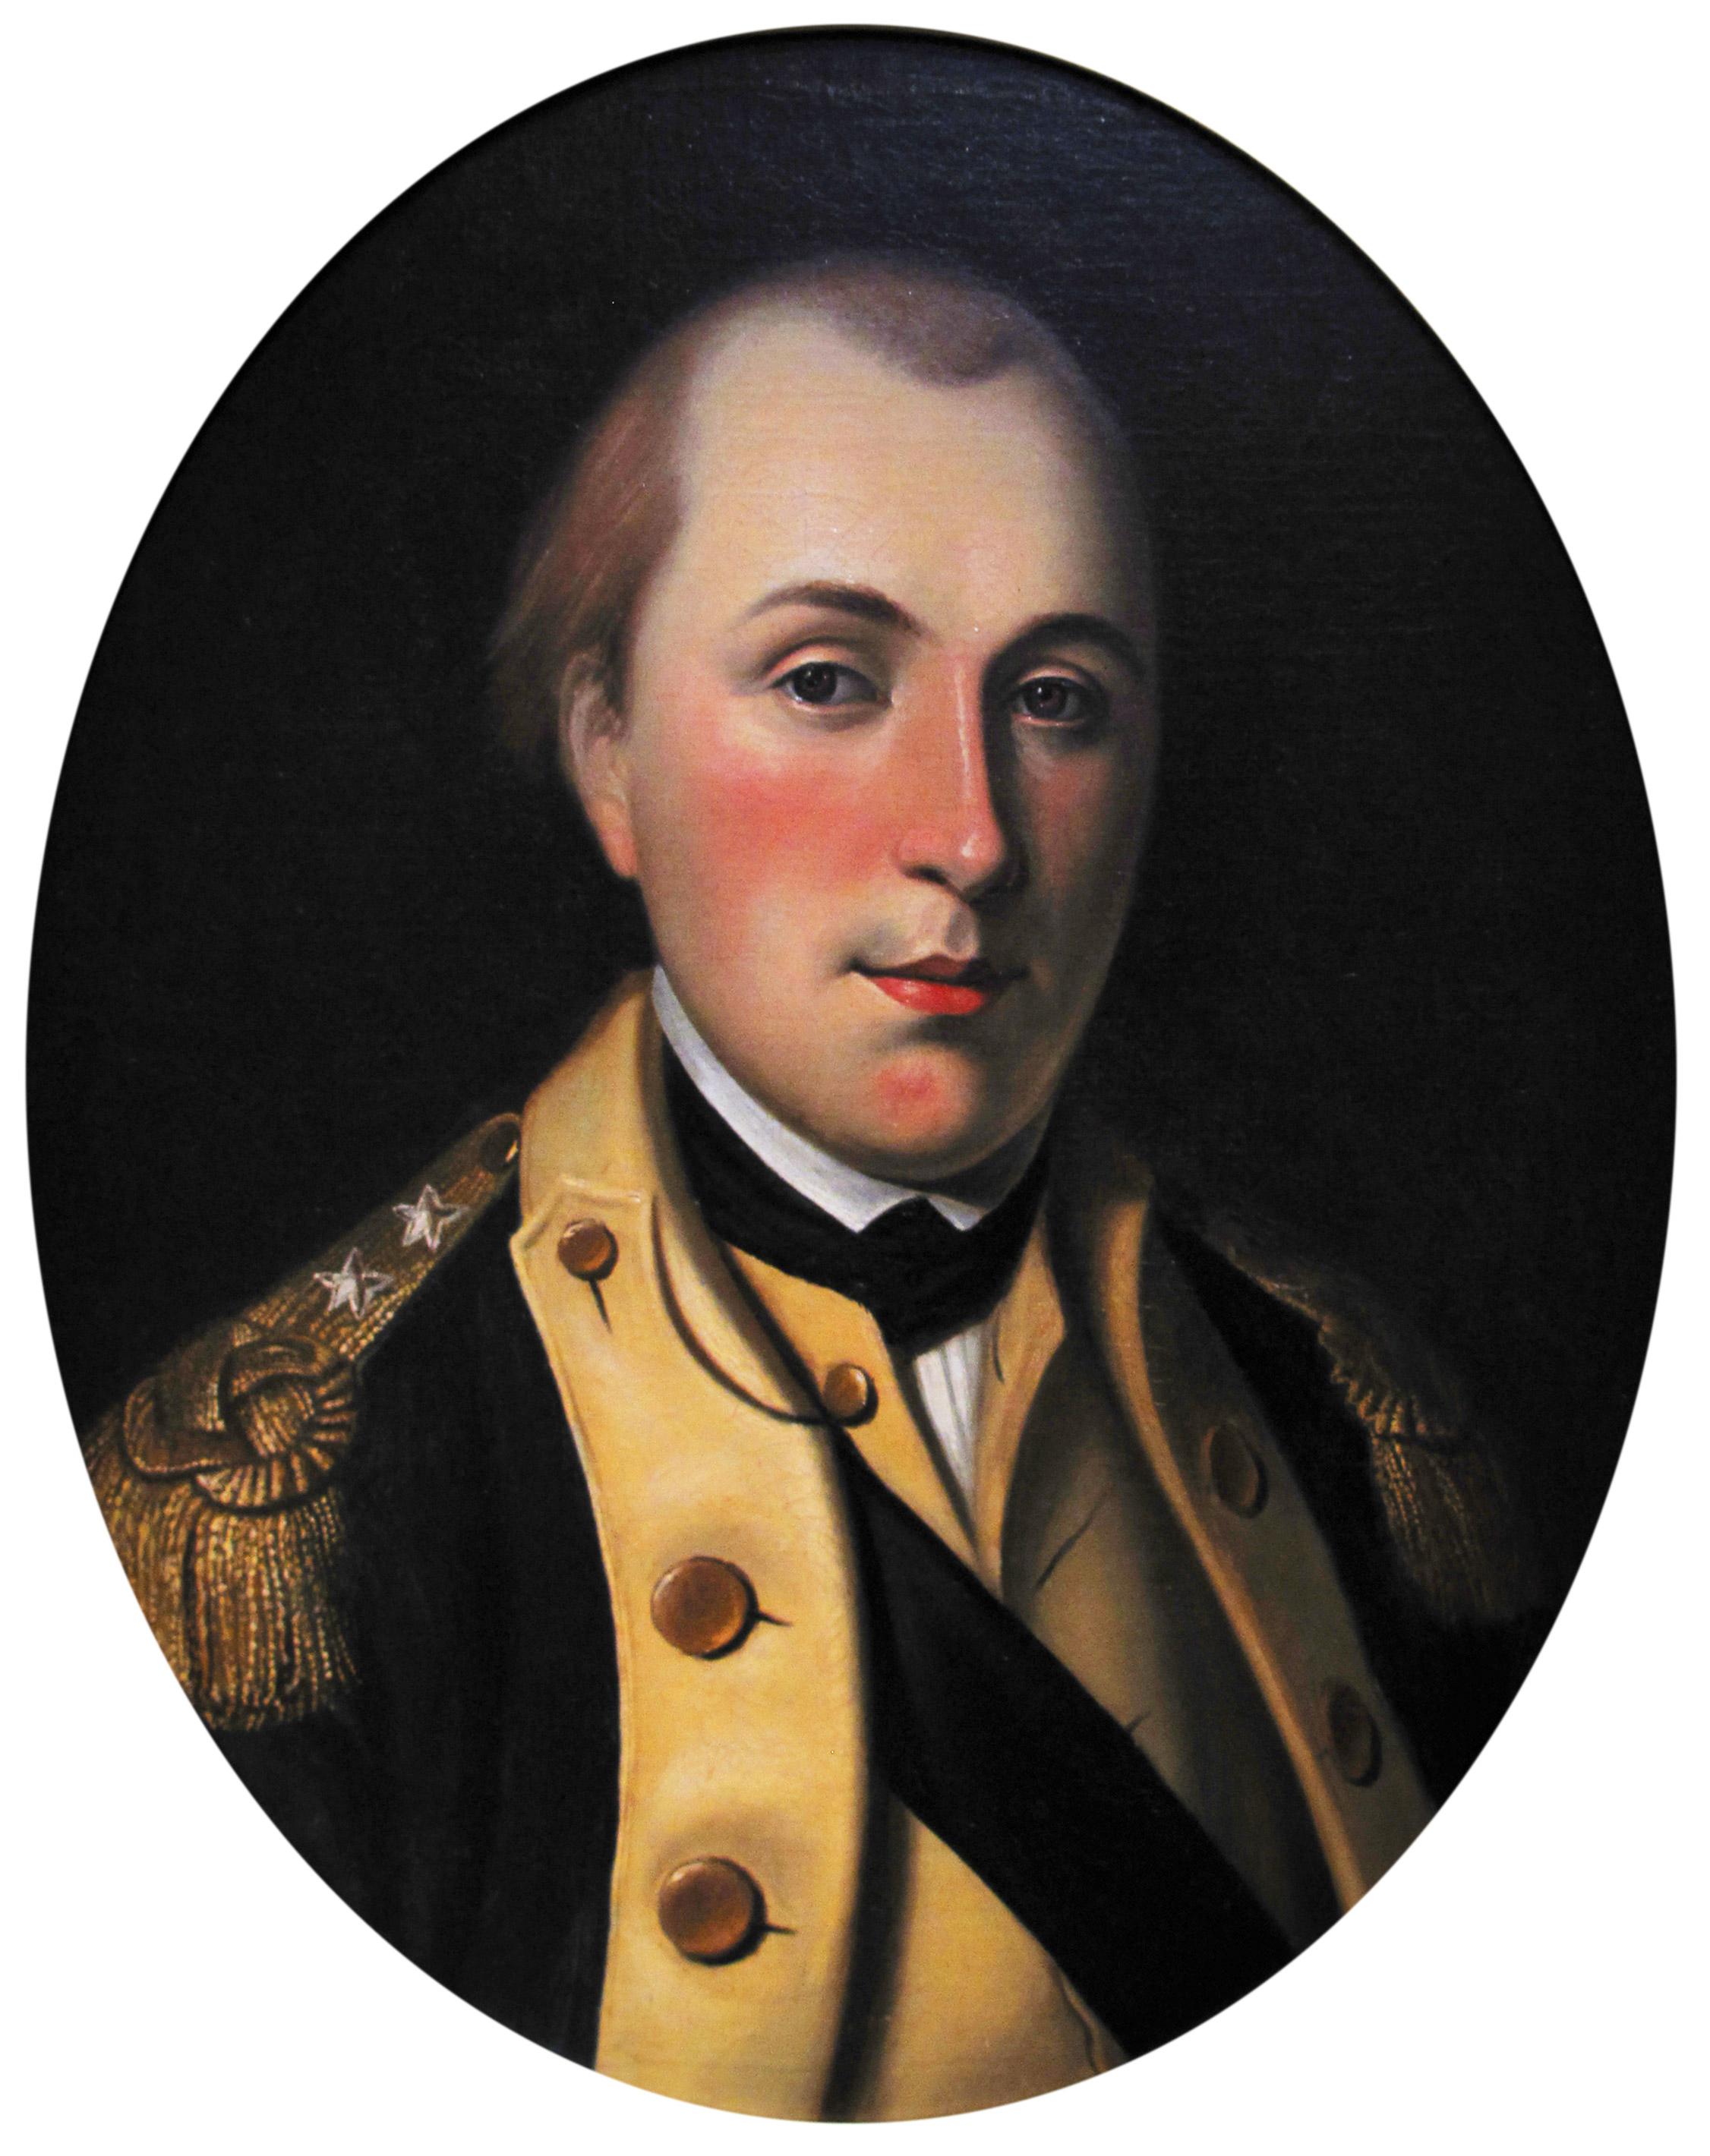 The Marquis de la Fayette